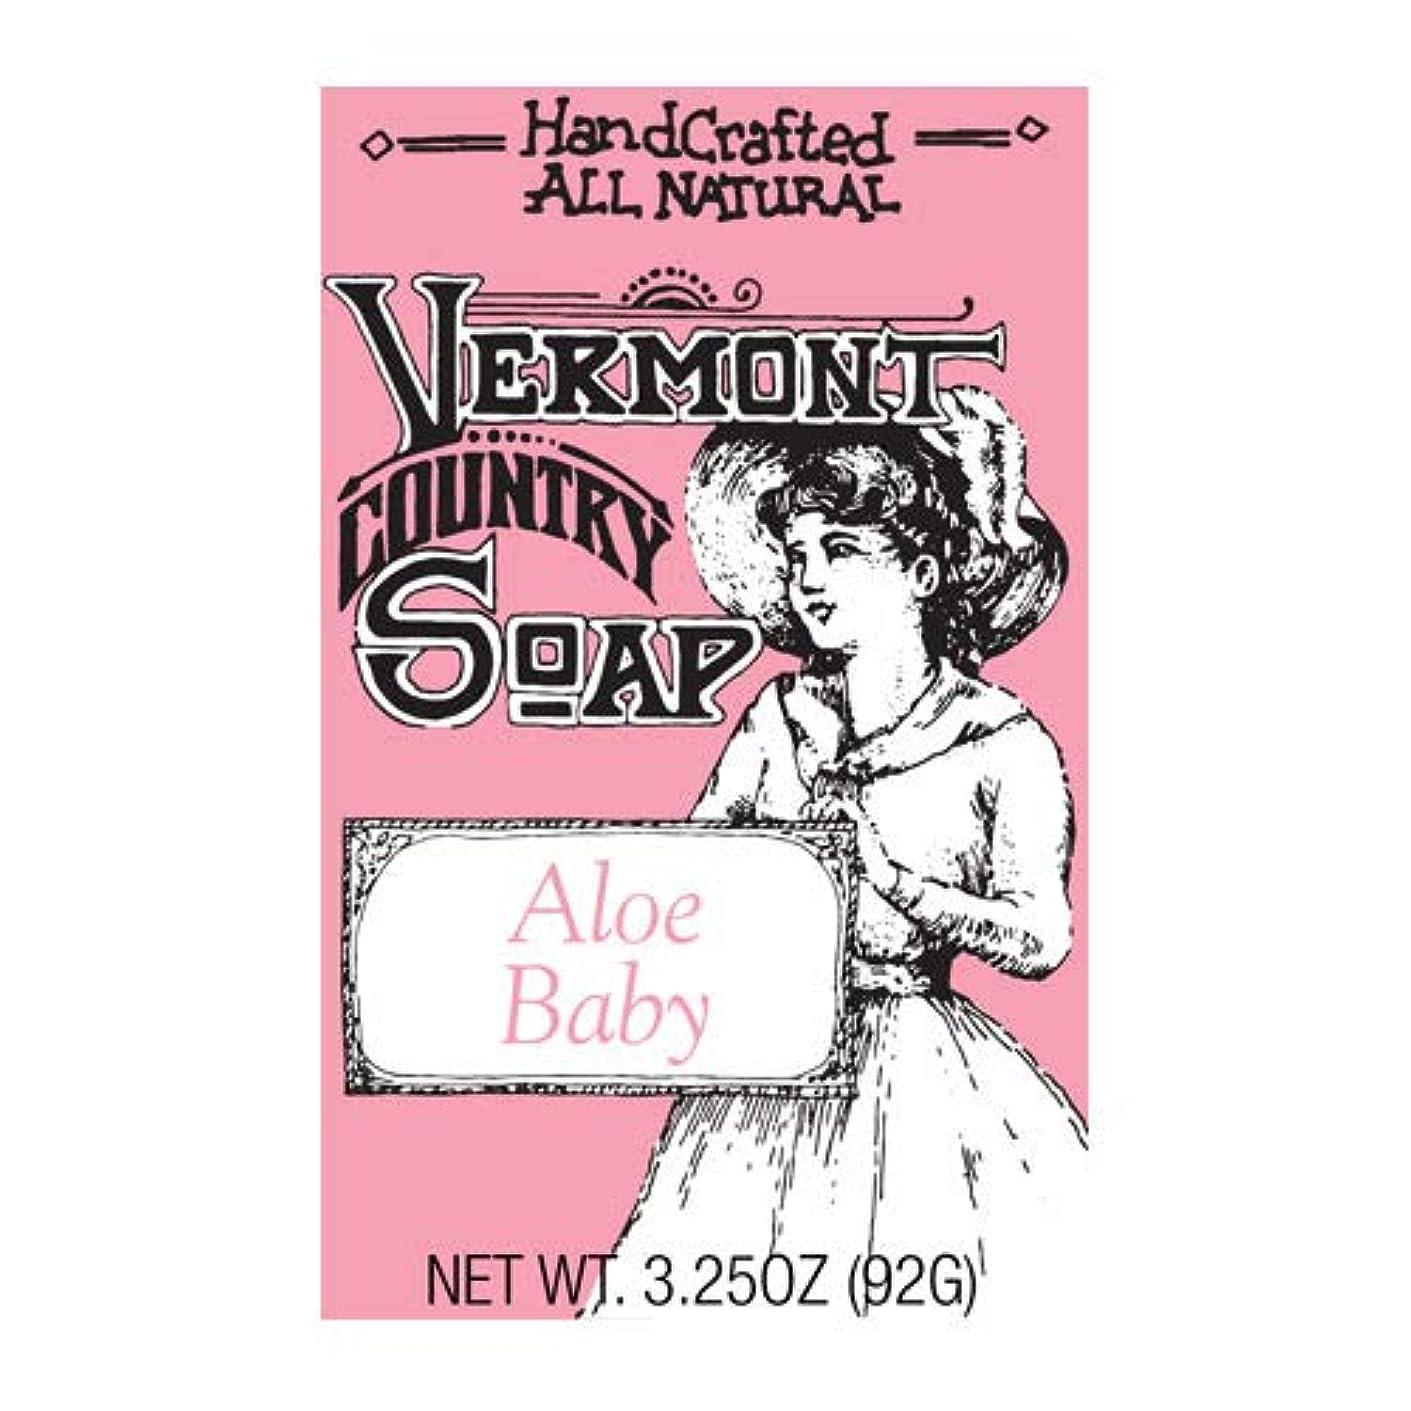 奇妙な自体弱点VermontSoap バーモントカントリーソープ 6種類 (アロエ ベビー) 92g オーガニック石けん 洗顔 ボディー